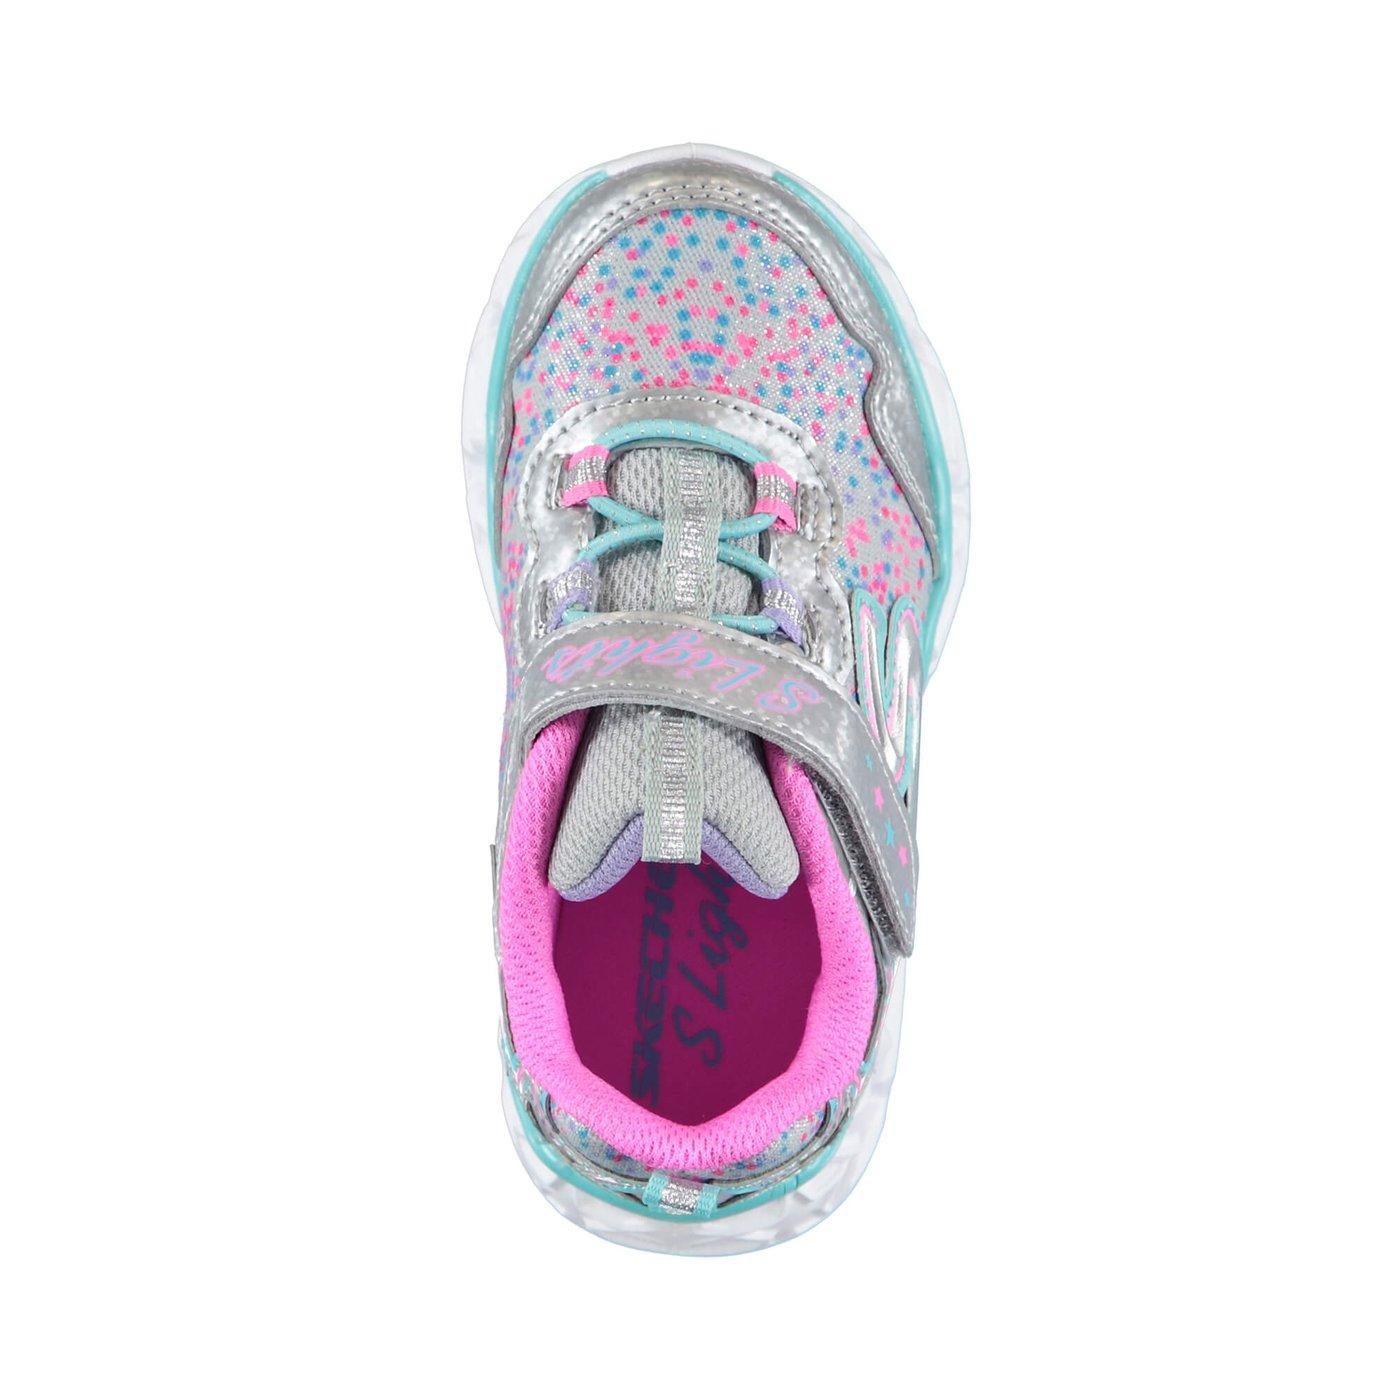 Skechers Galaxy Çocuk Gümüş Spor Ayakkabı